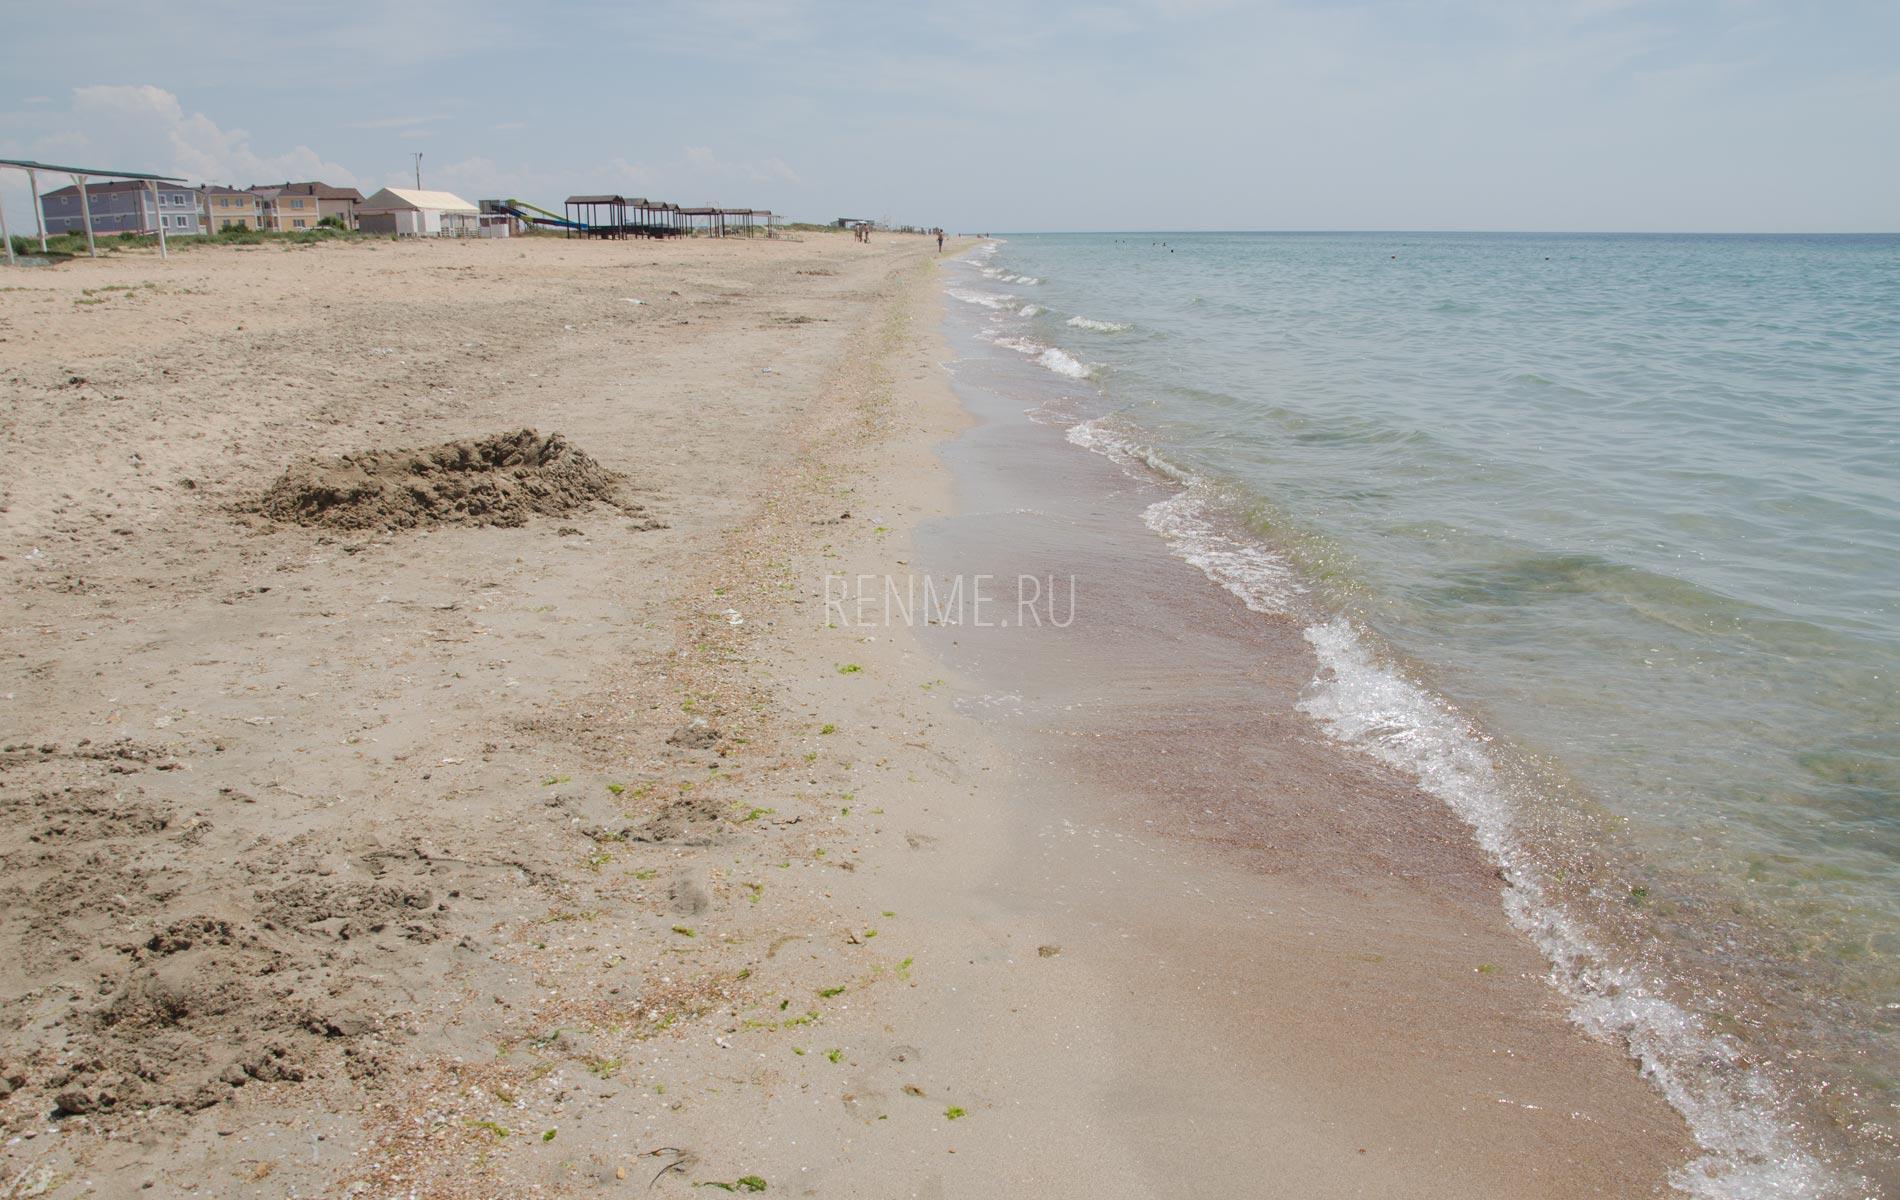 Лучшие песчаные пляжи для детей. Фото Заозёрного